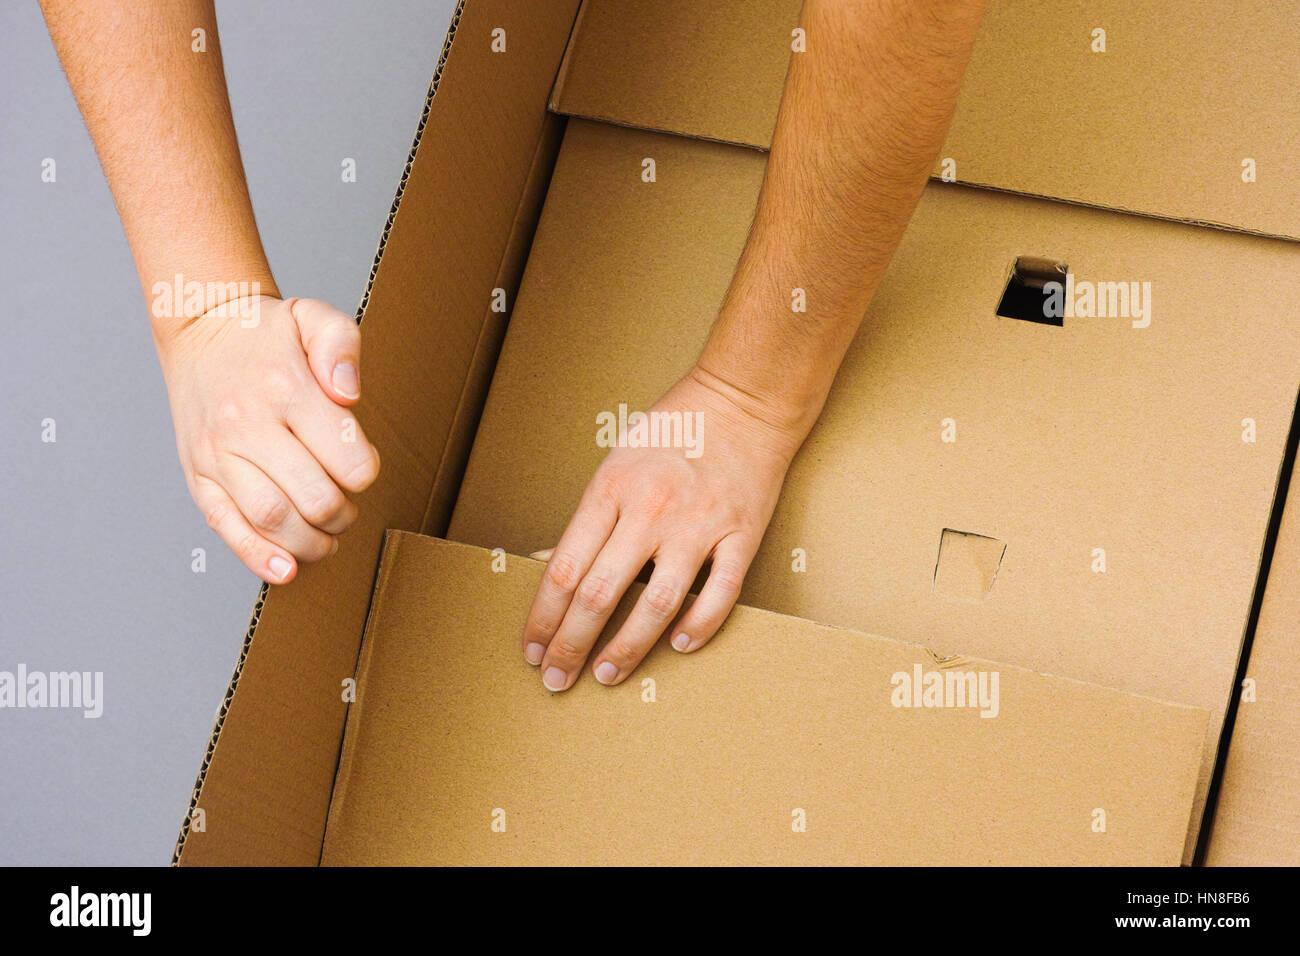 Deux mains femme grande ouverture du carton. Fond gris. Photo Stock